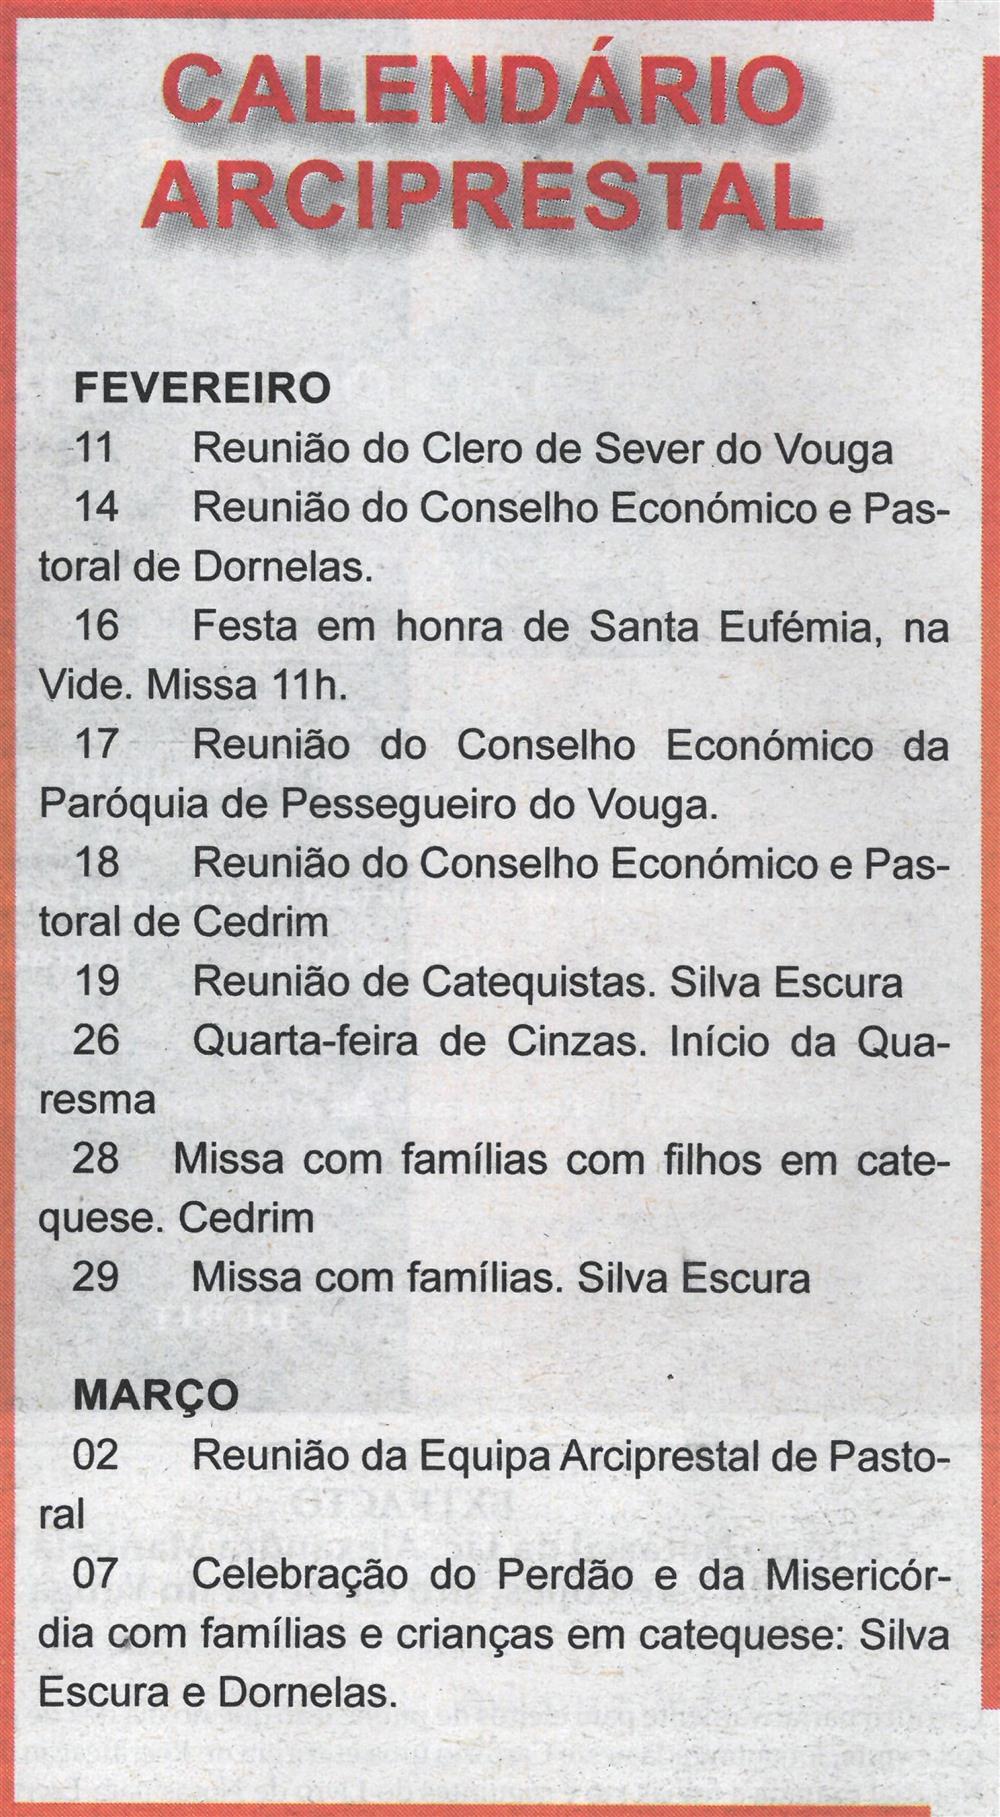 TV-fev.'20-p.20-Calendário Arciprestal.jpg